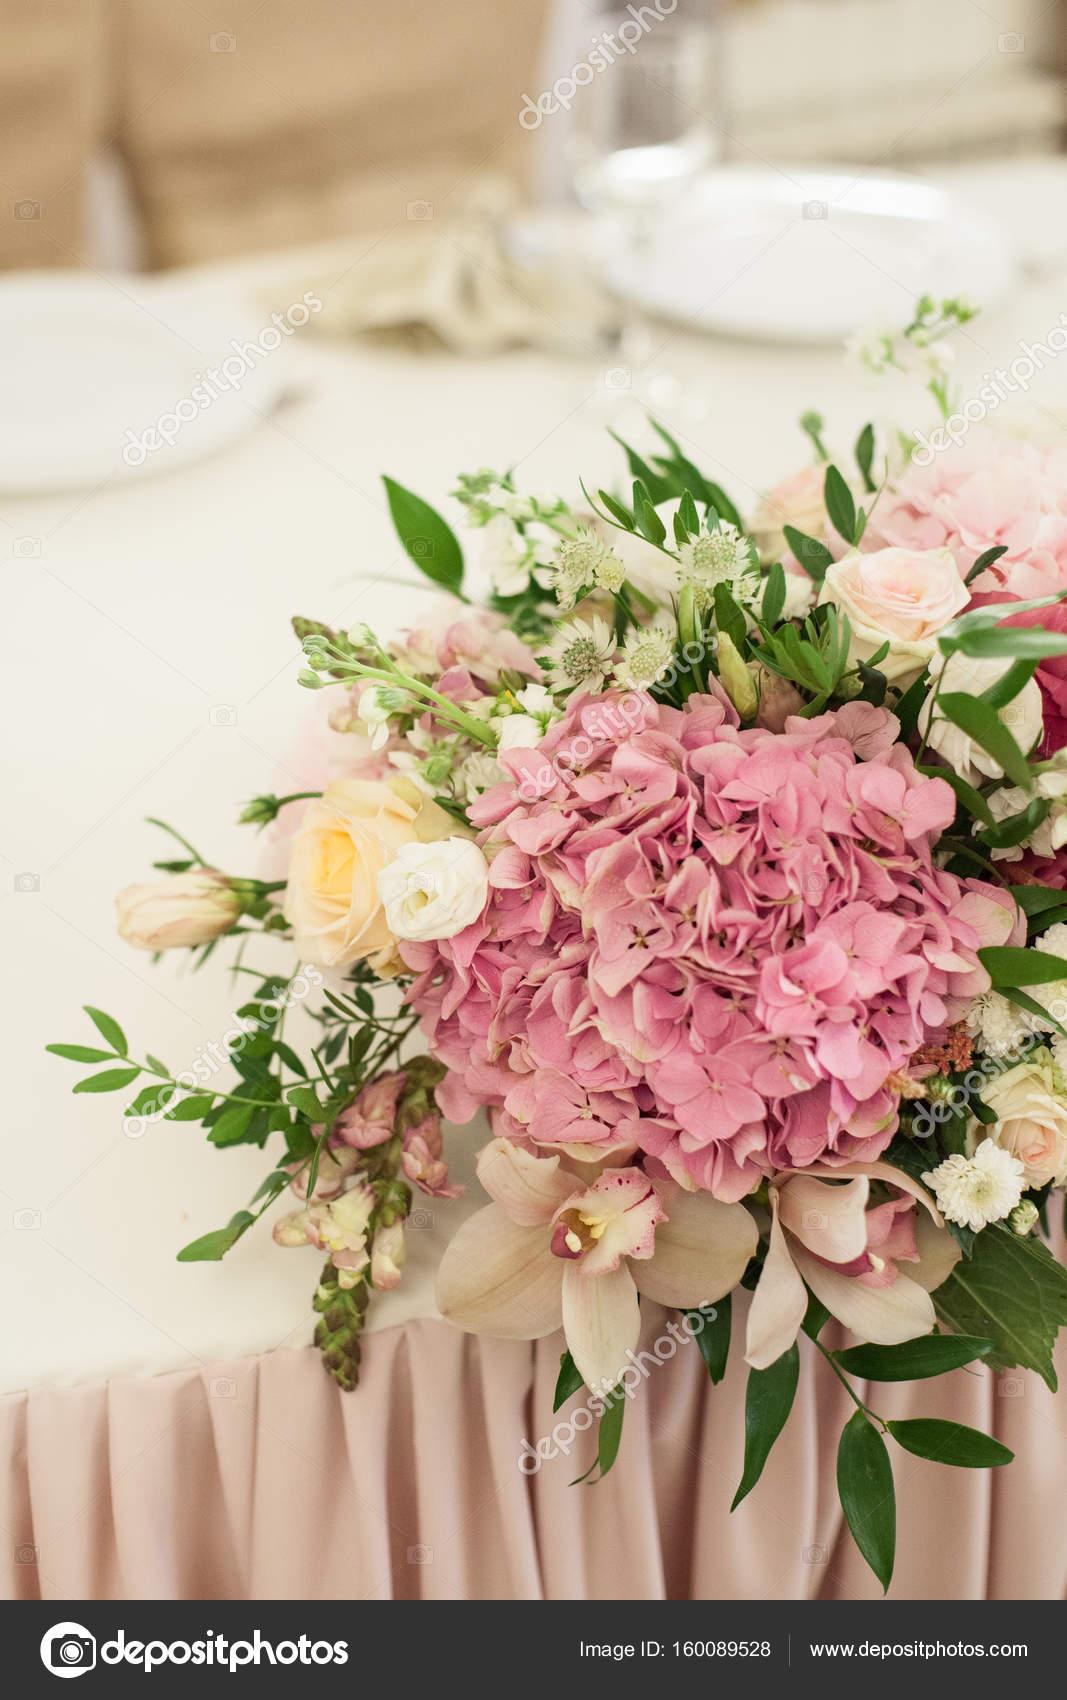 belle décoration sur une table de mariage avec des roses en bouquet